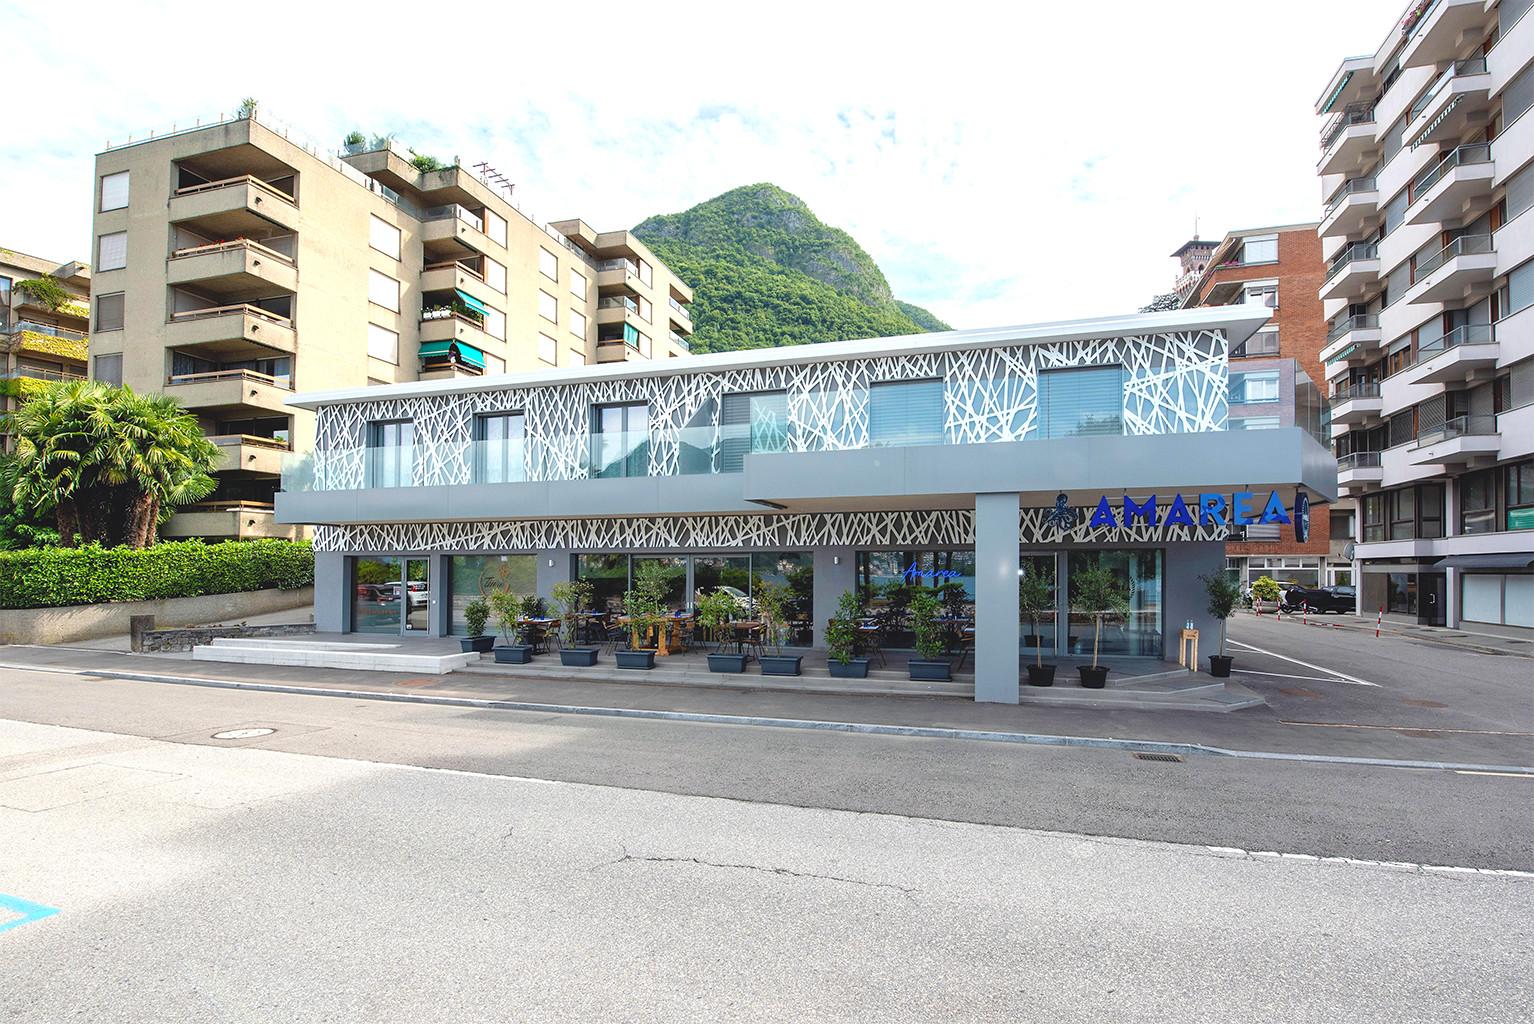 appartamento-lugano-promenade-riva-paradiso-2